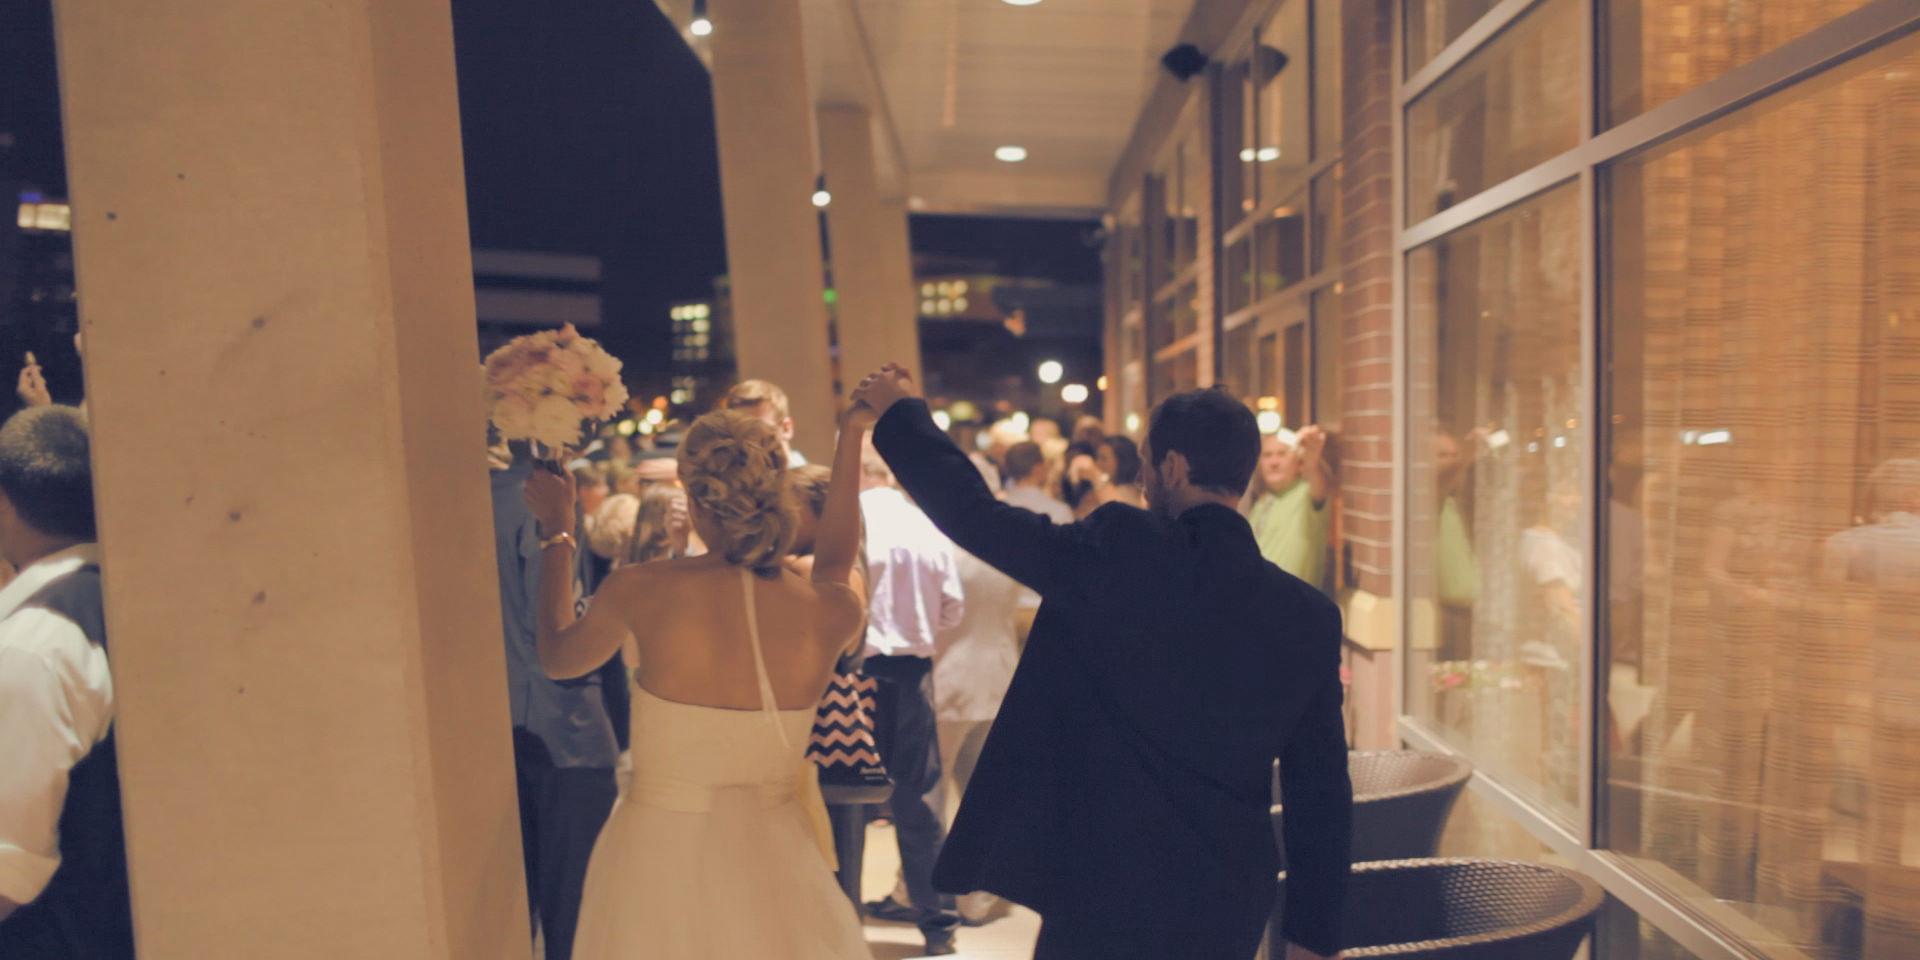 wedding story.00_19_05_20.Still029.jpg